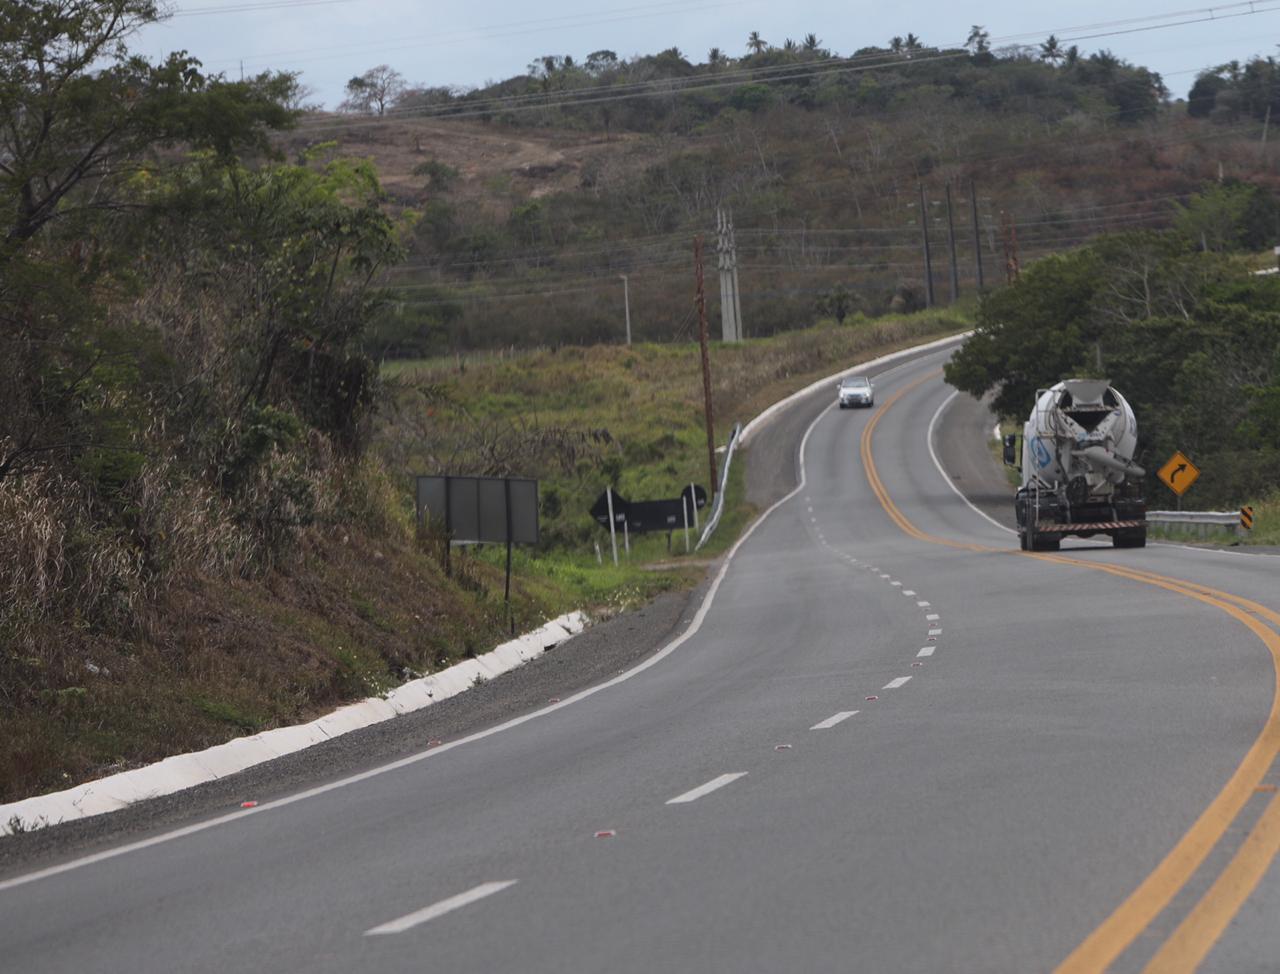 Ministério da Infraestrutura vai entregar duplicação de 25 km da BR-101 em Sergipe, diz ministro